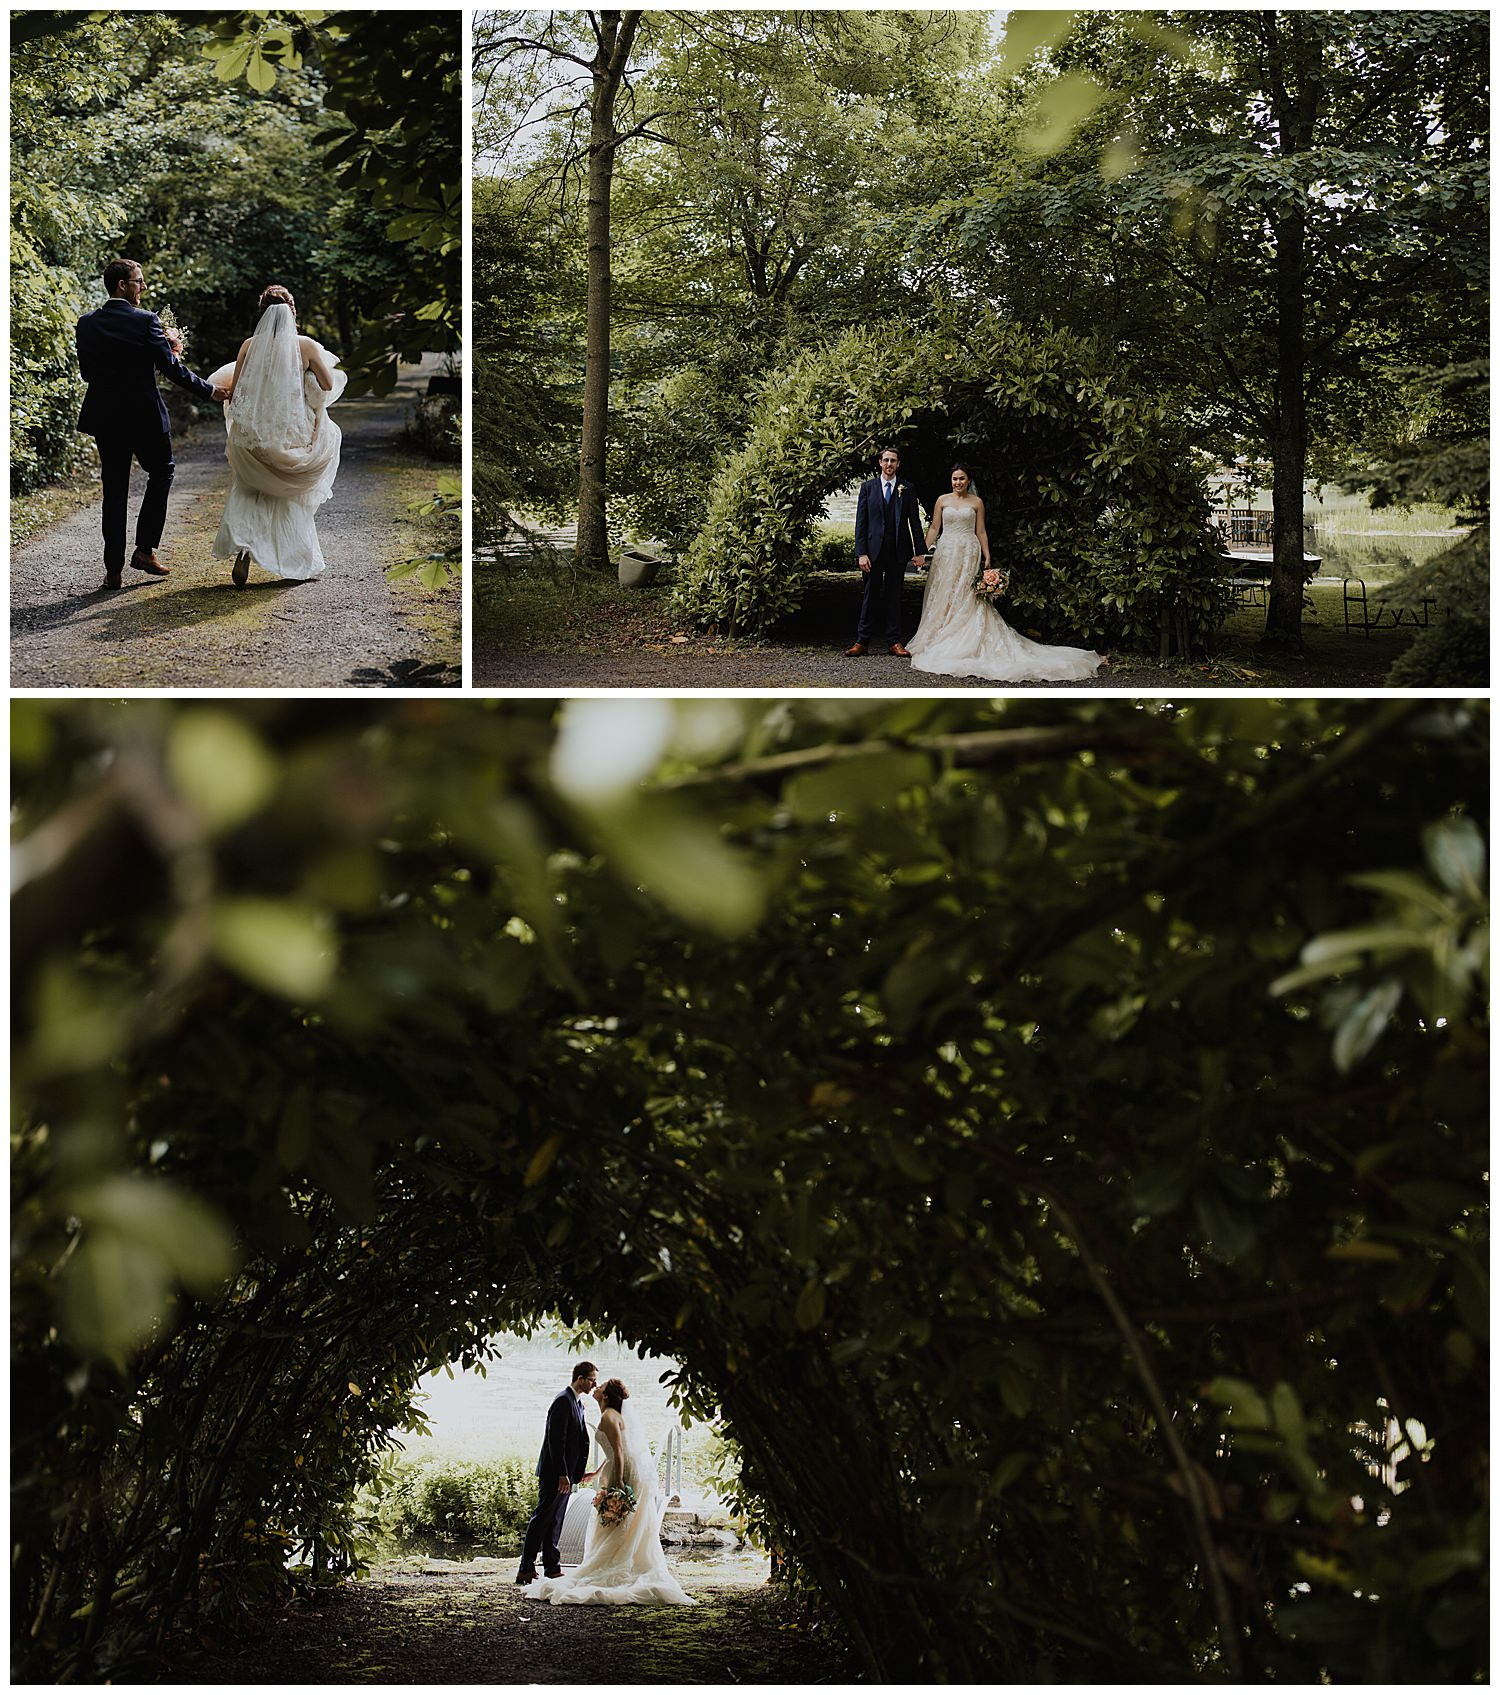 d&m_kilshane_house_wedding_photographer_livia_figueiredo_59.jpg